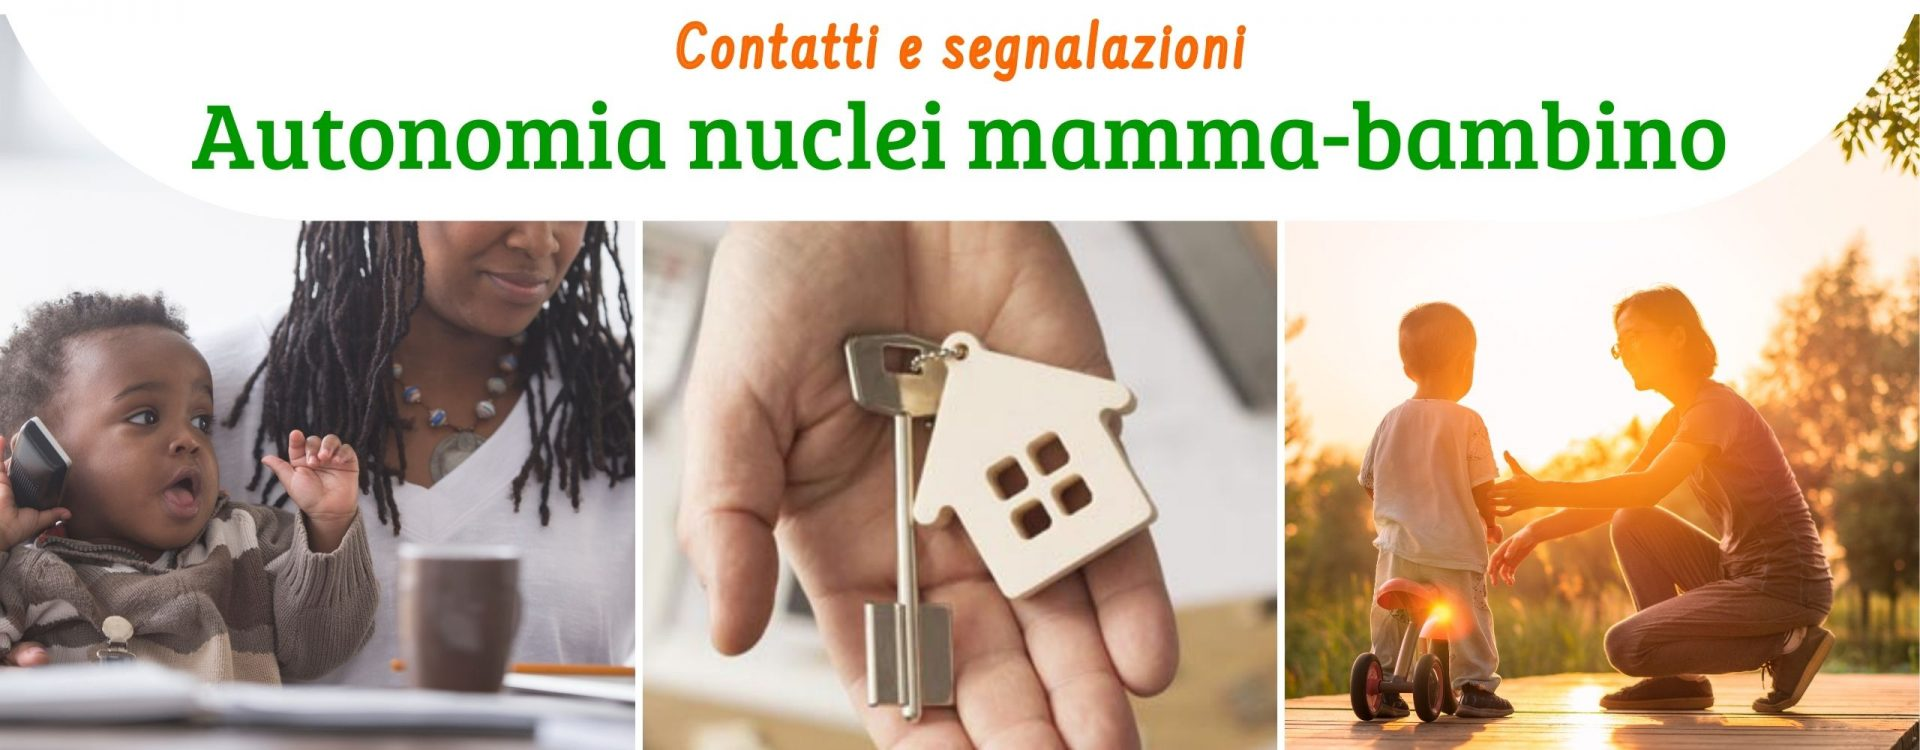 Servizi per l'autonomia dei nuclei mamma-bambino